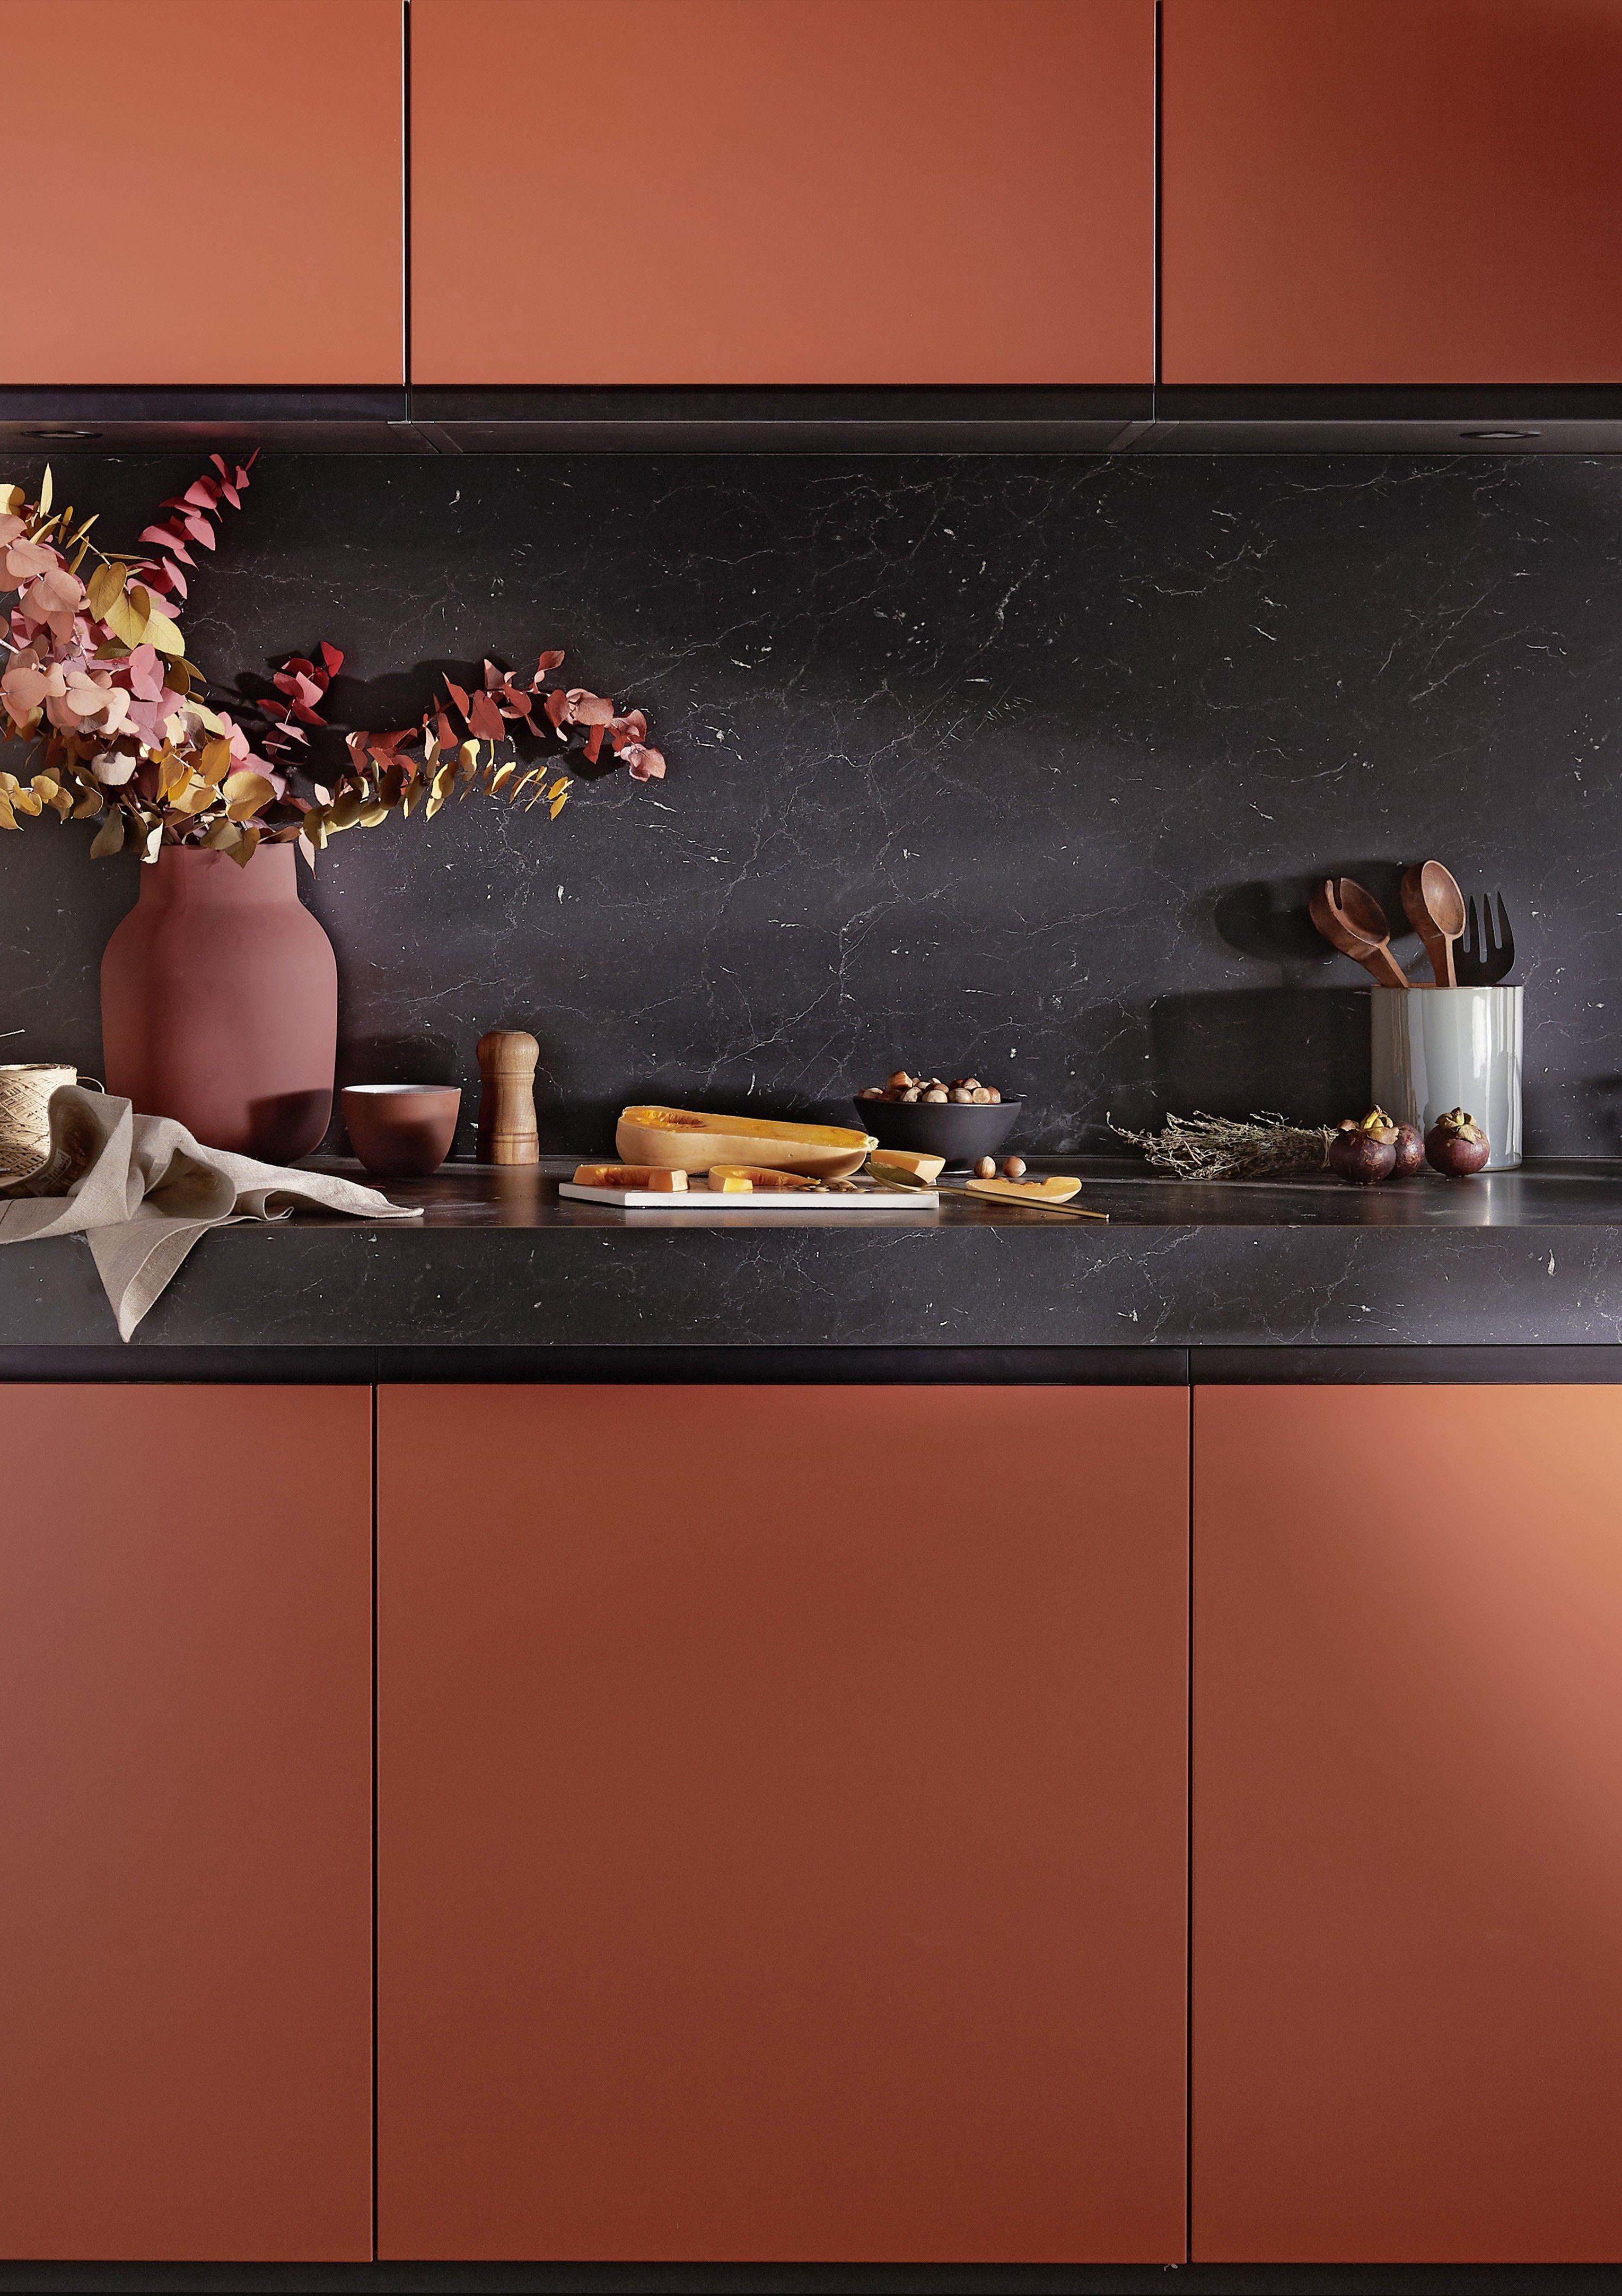 La teinte terracotta de la cuisine chromatique de lapeyre r chauffe l 39 atmosph re interiors - Cuisine et couleurs ...